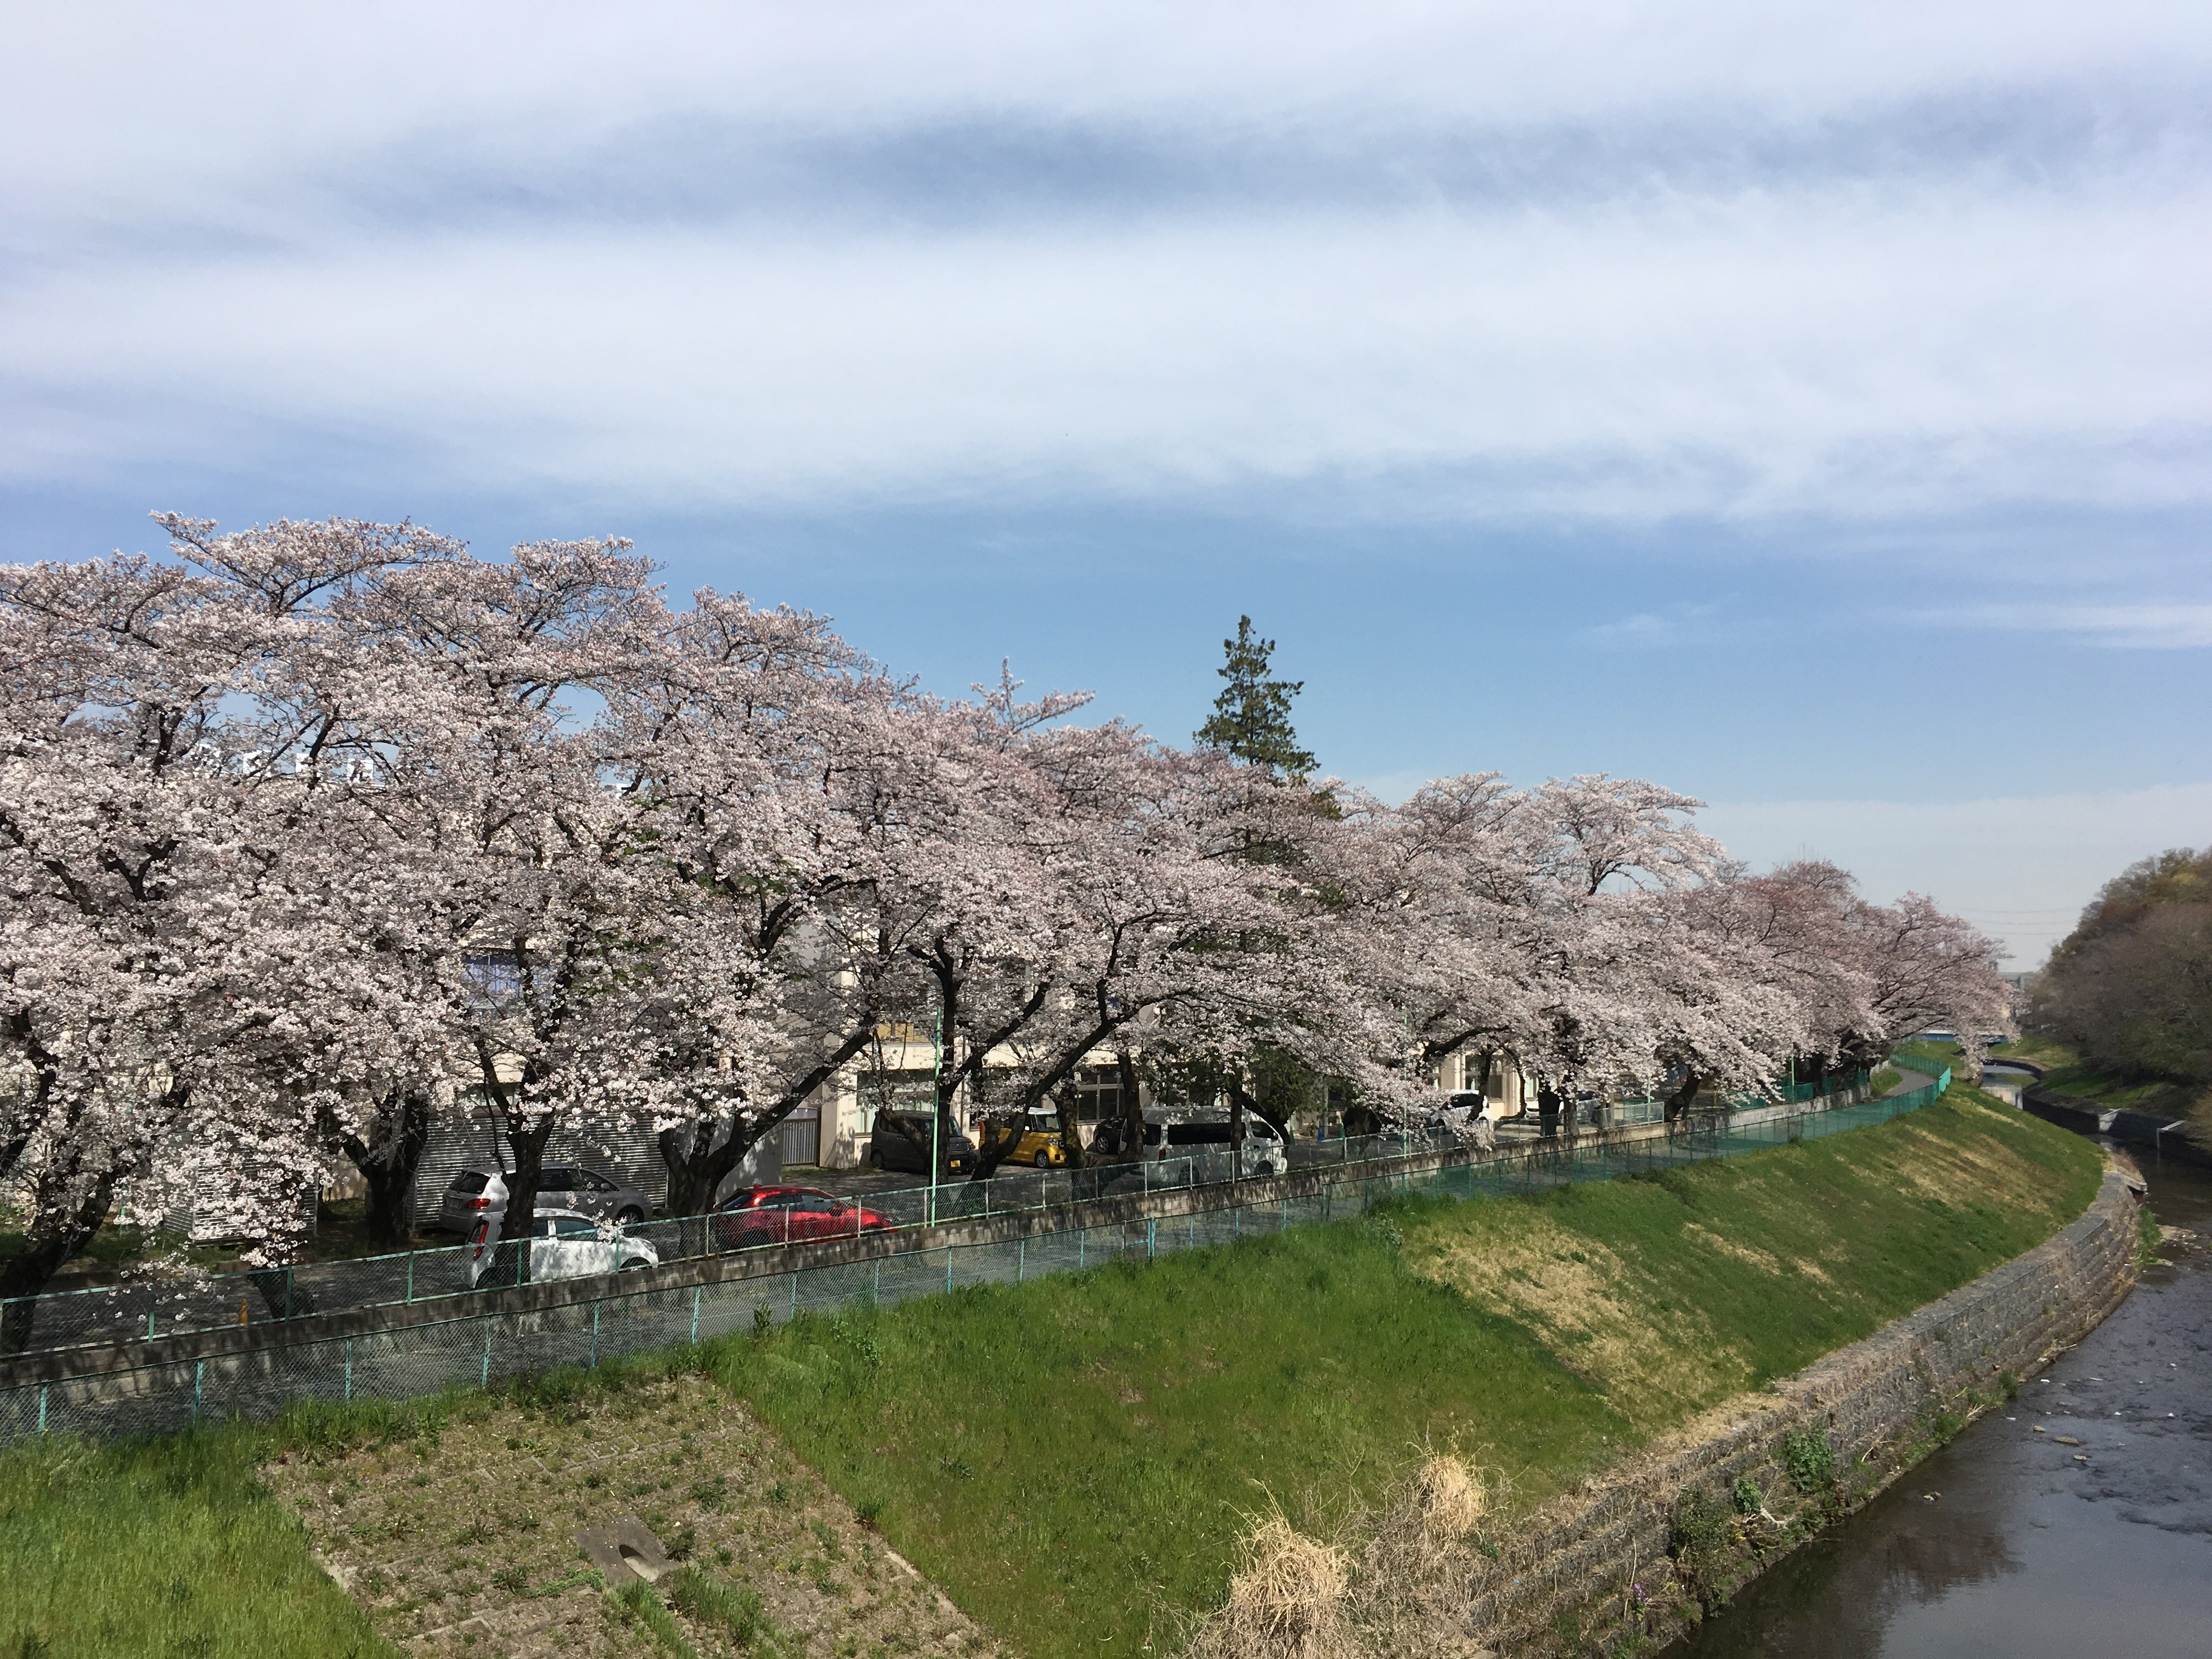 旧市場坂橋から黒目川遊歩道